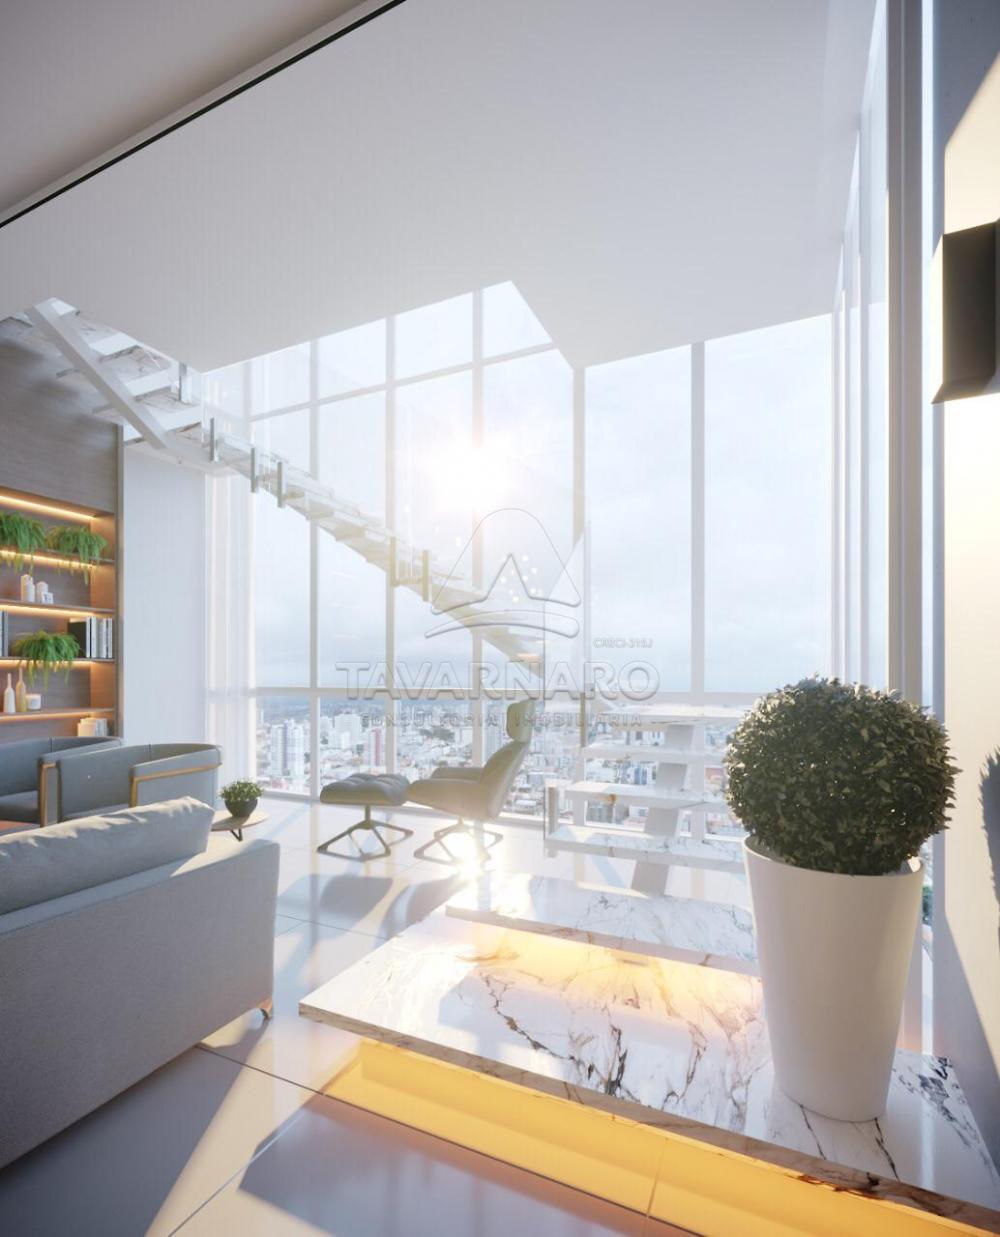 Comprar Apartamento / Cobertura em Ponta Grossa R$ 2.750.000,00 - Foto 7